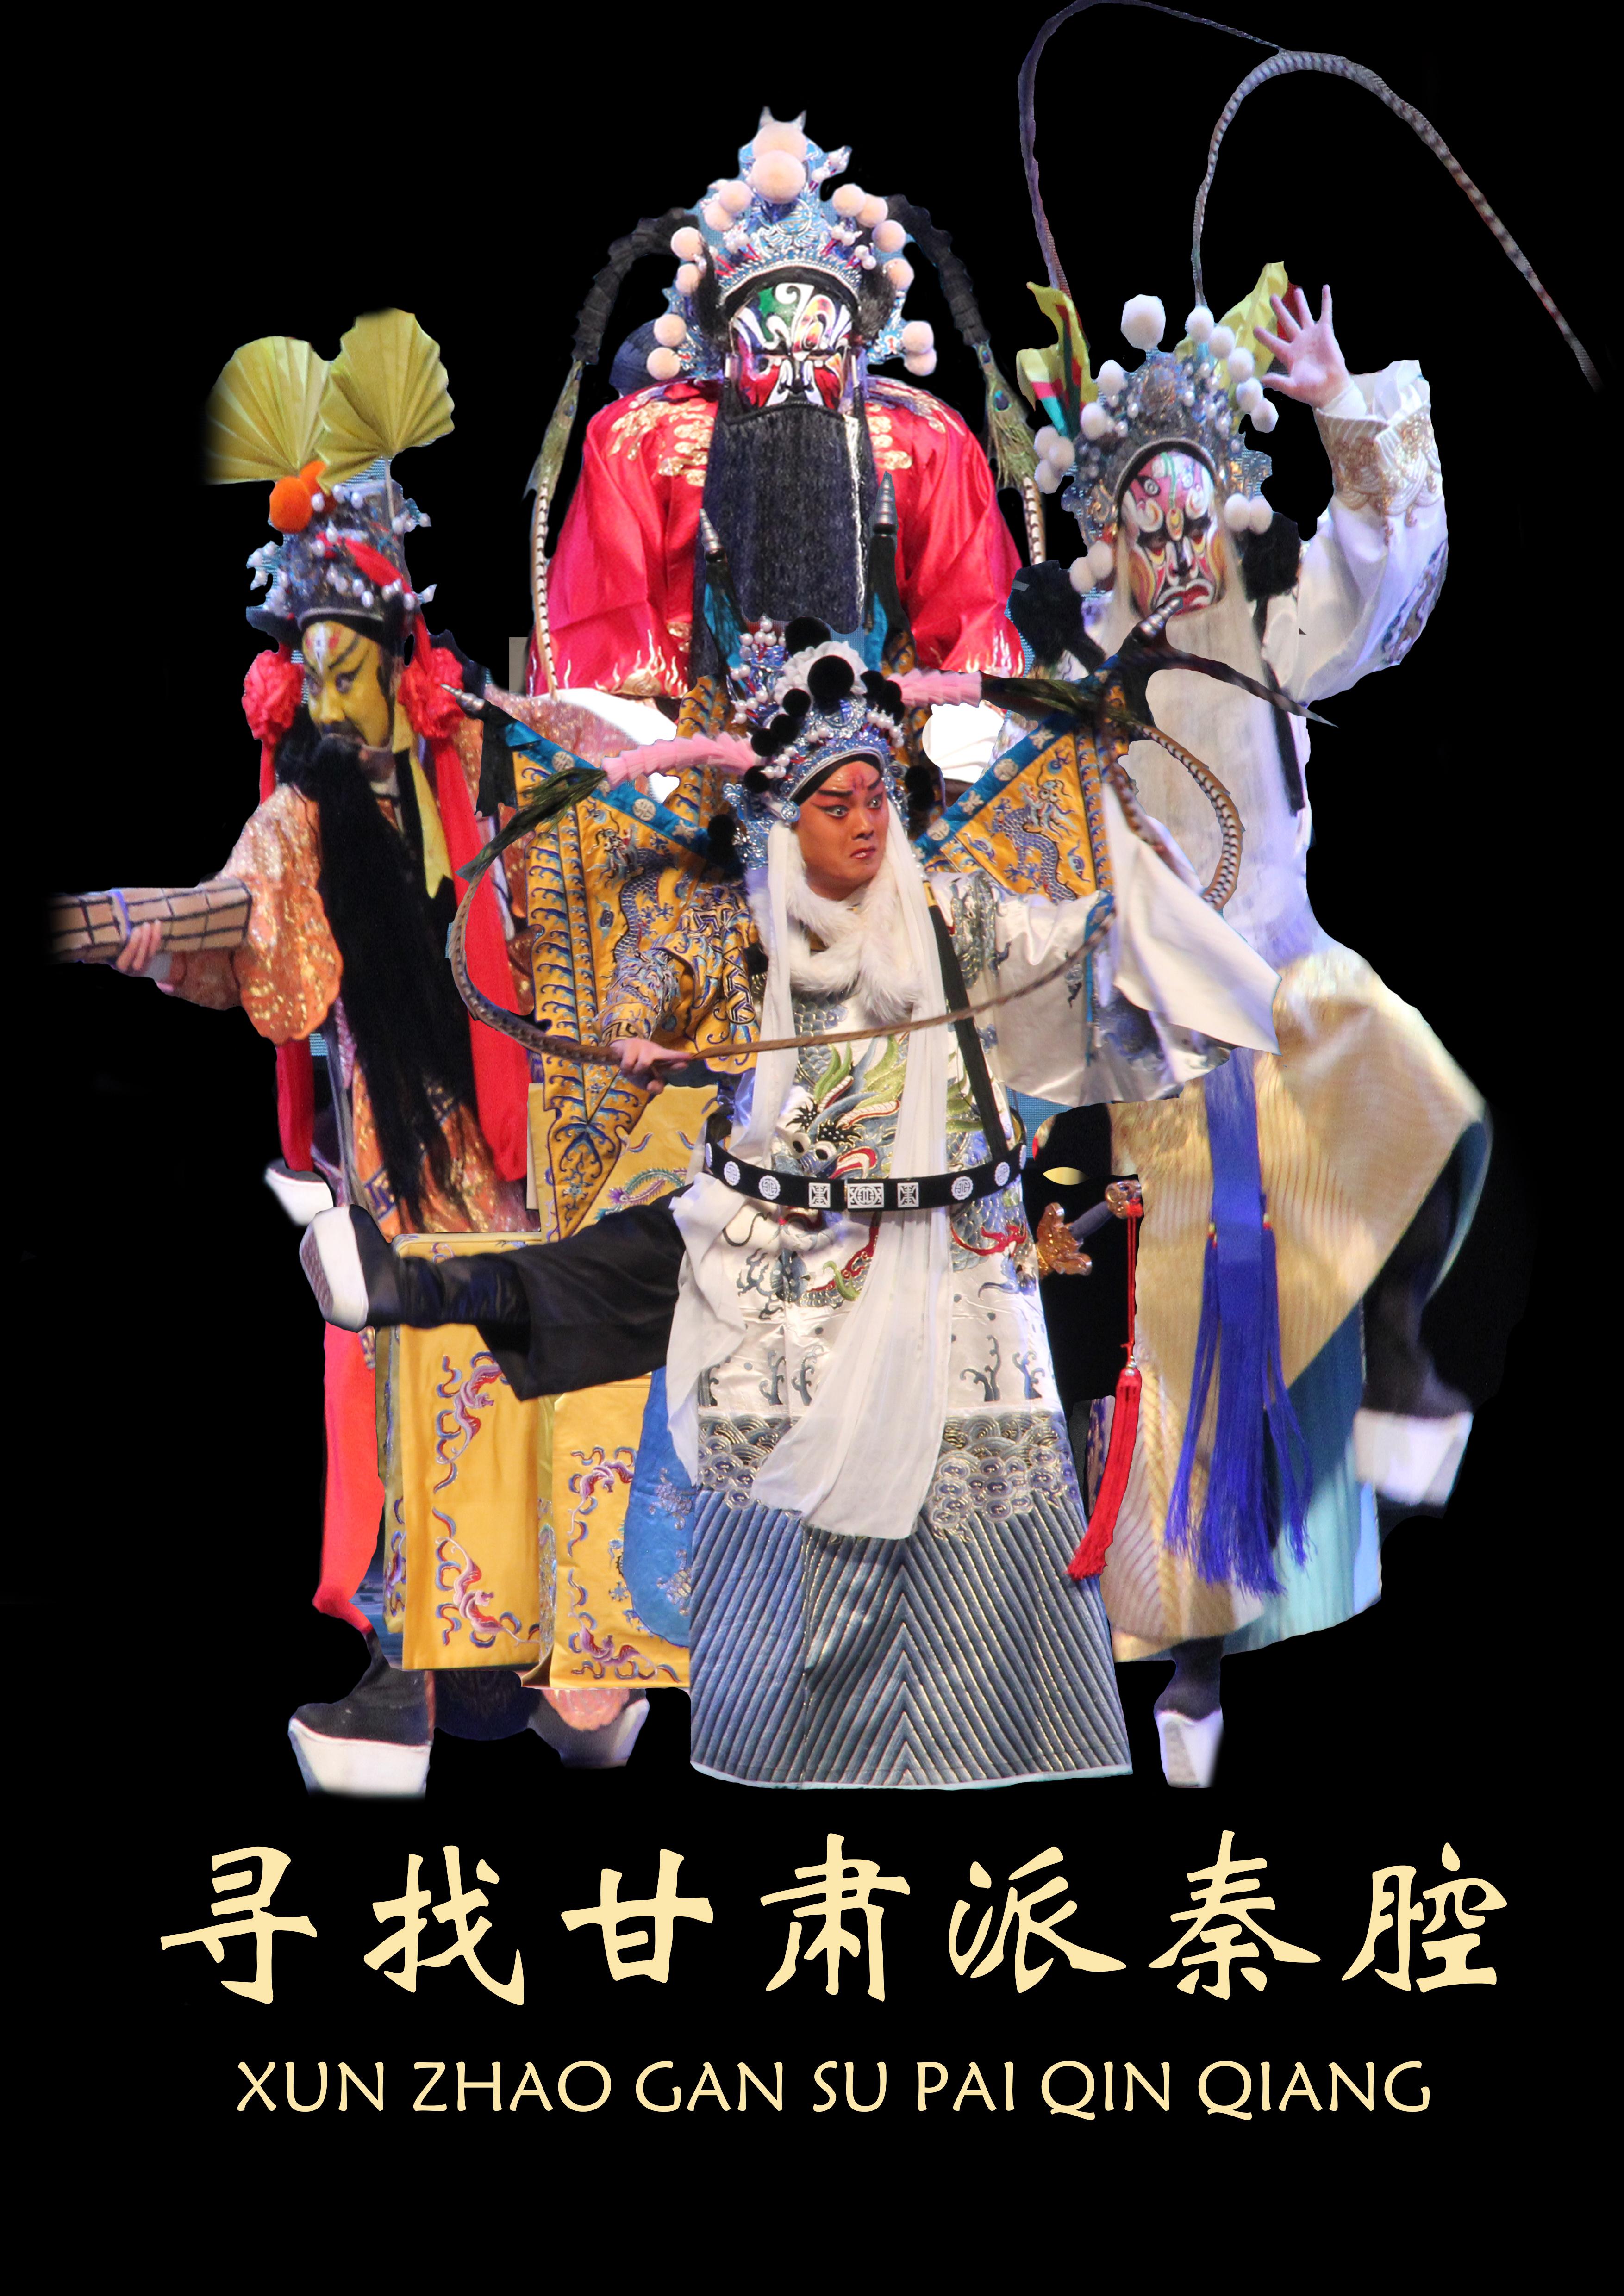 纪录片《寻找甘肃派秦腔》第一集